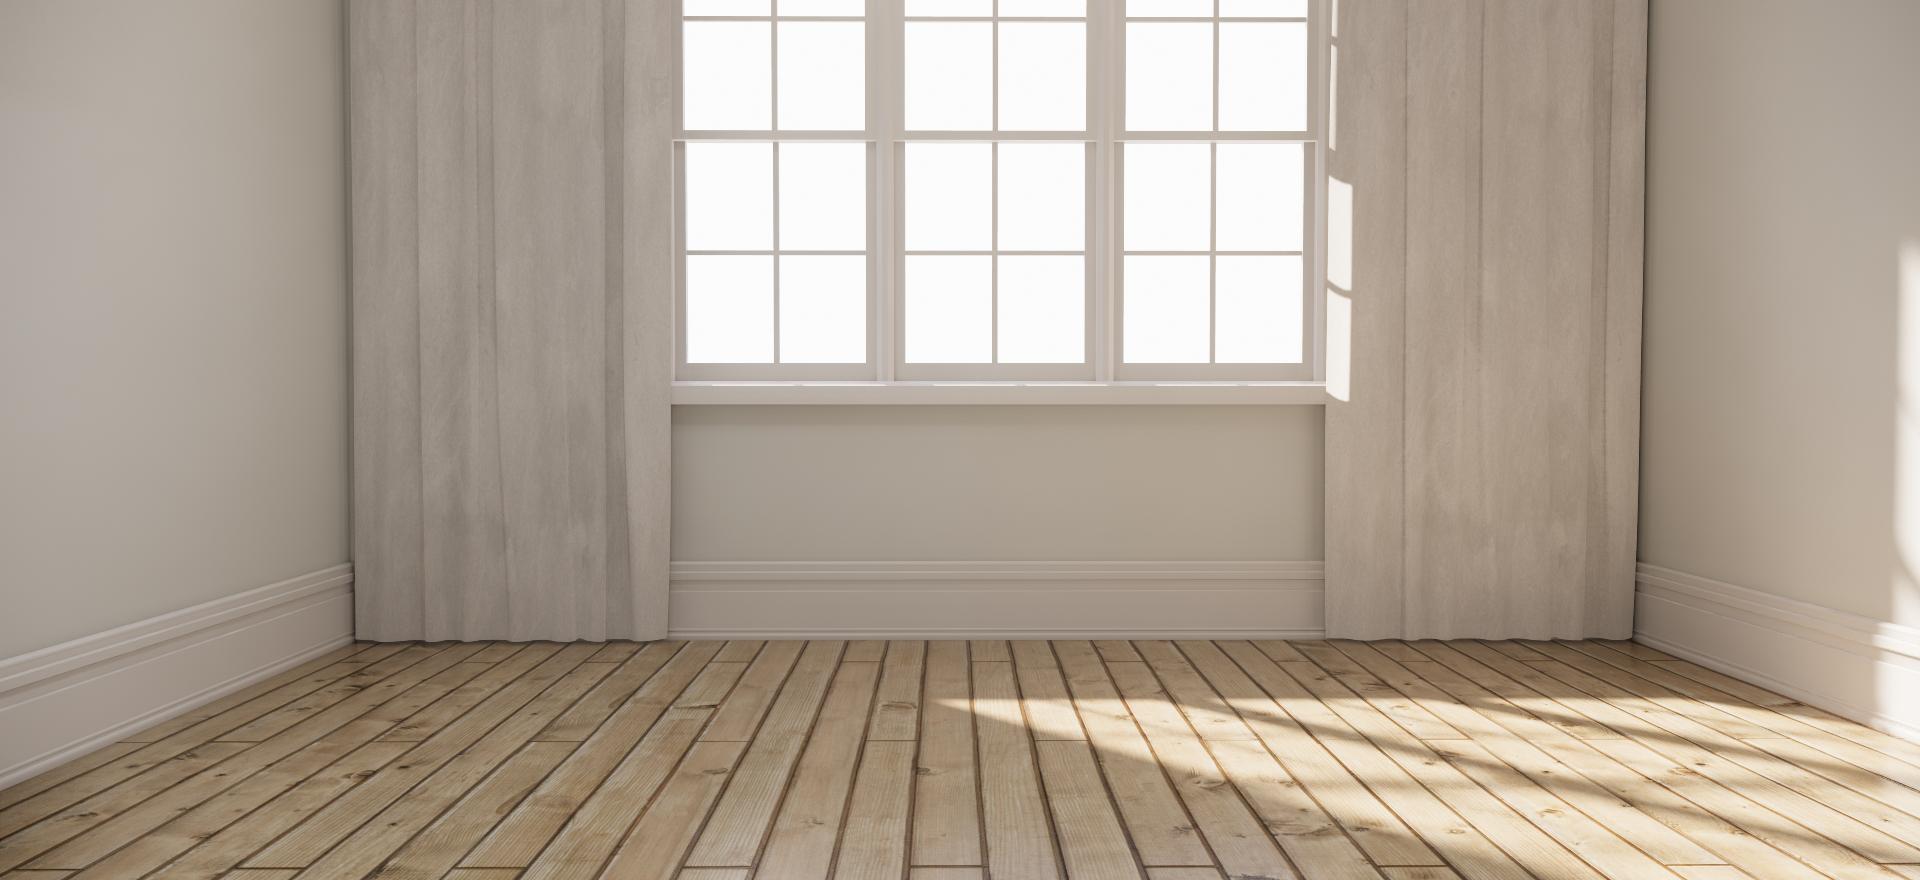 Wood Flooring 38.png